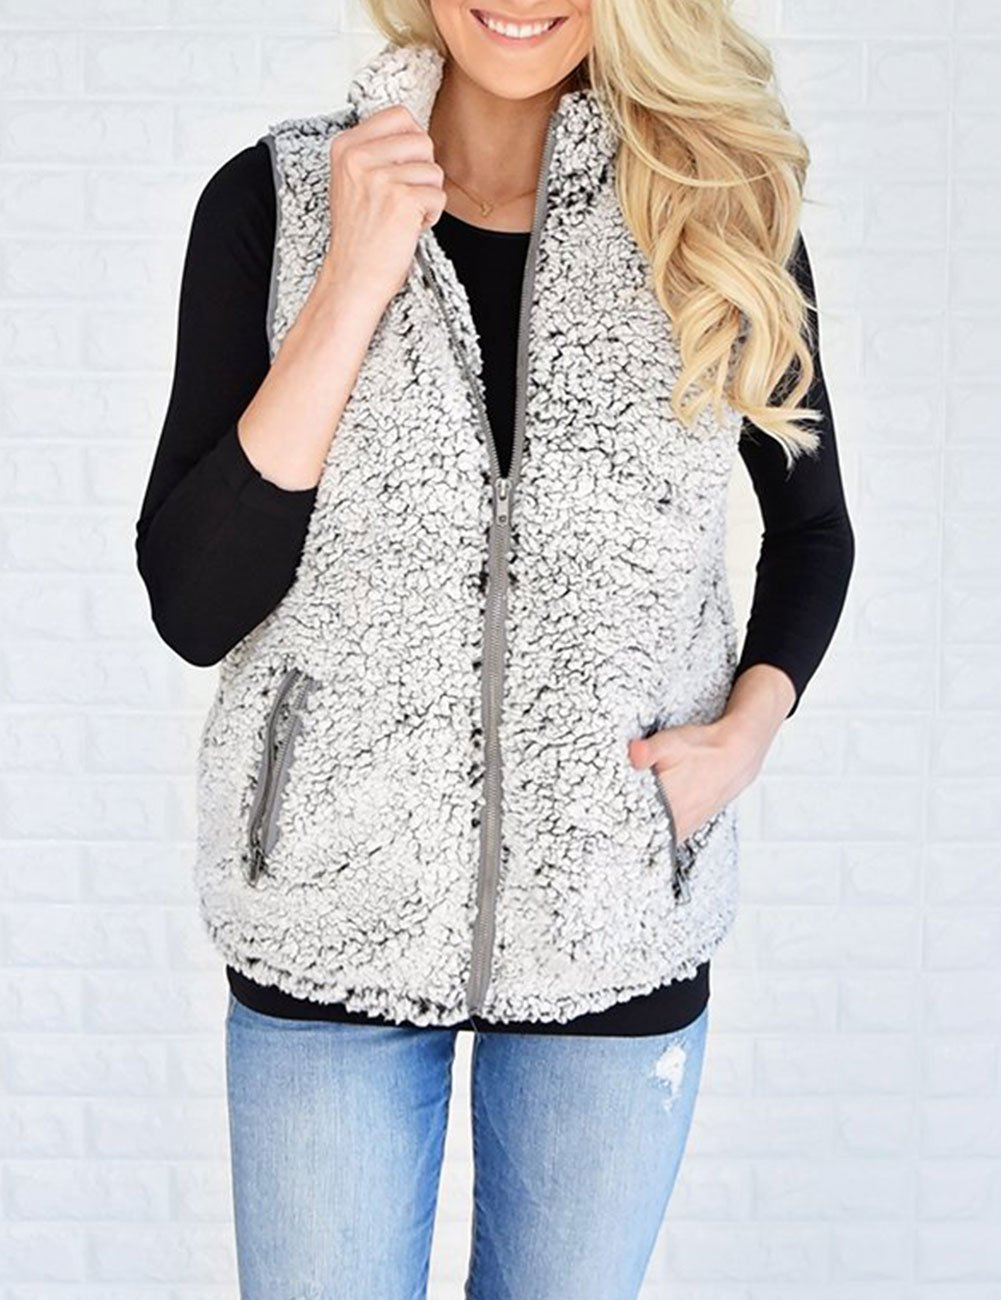 MEROKEETY Women's Casual Sherpa Fleece Lightweight Fall Warm Zipper Vest Pockets by MEROKEETY (Image #5)